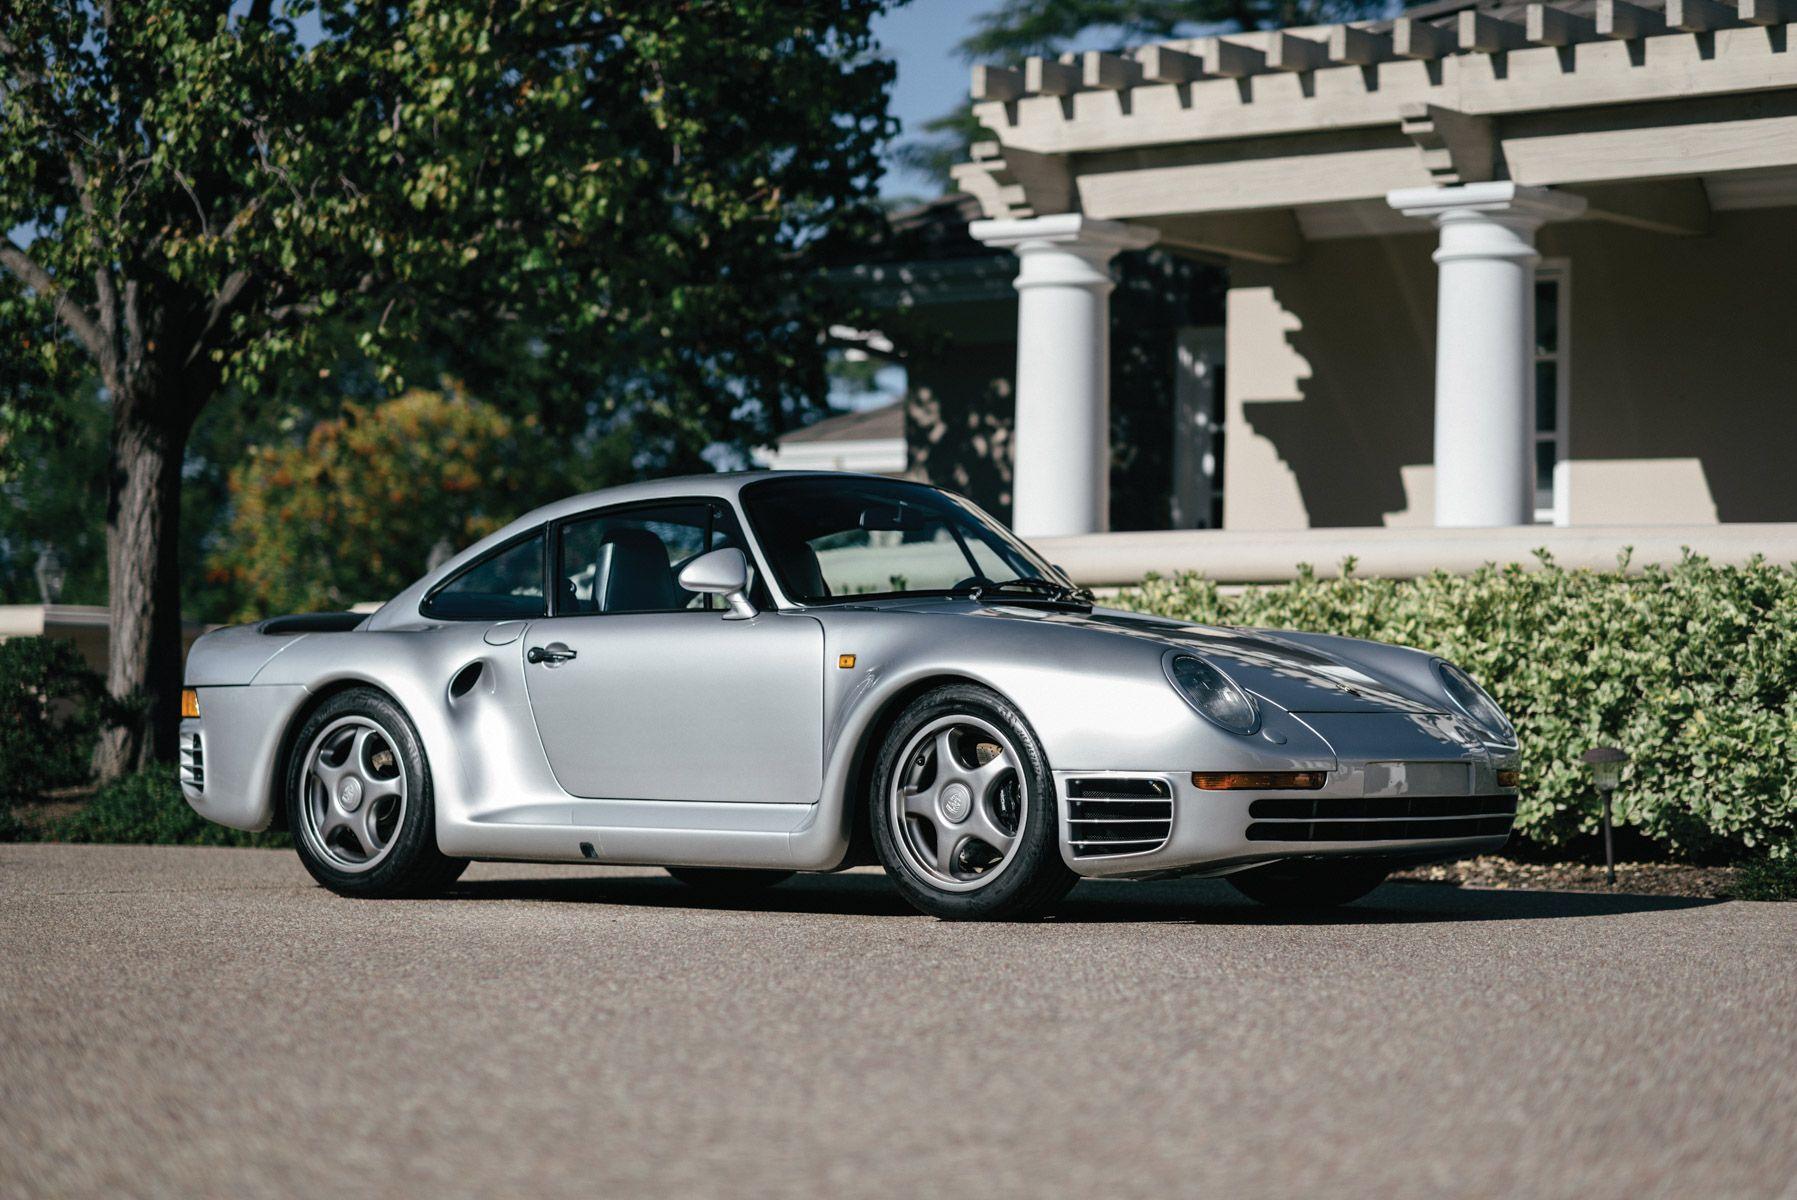 Porsche S Hypercar Genesis